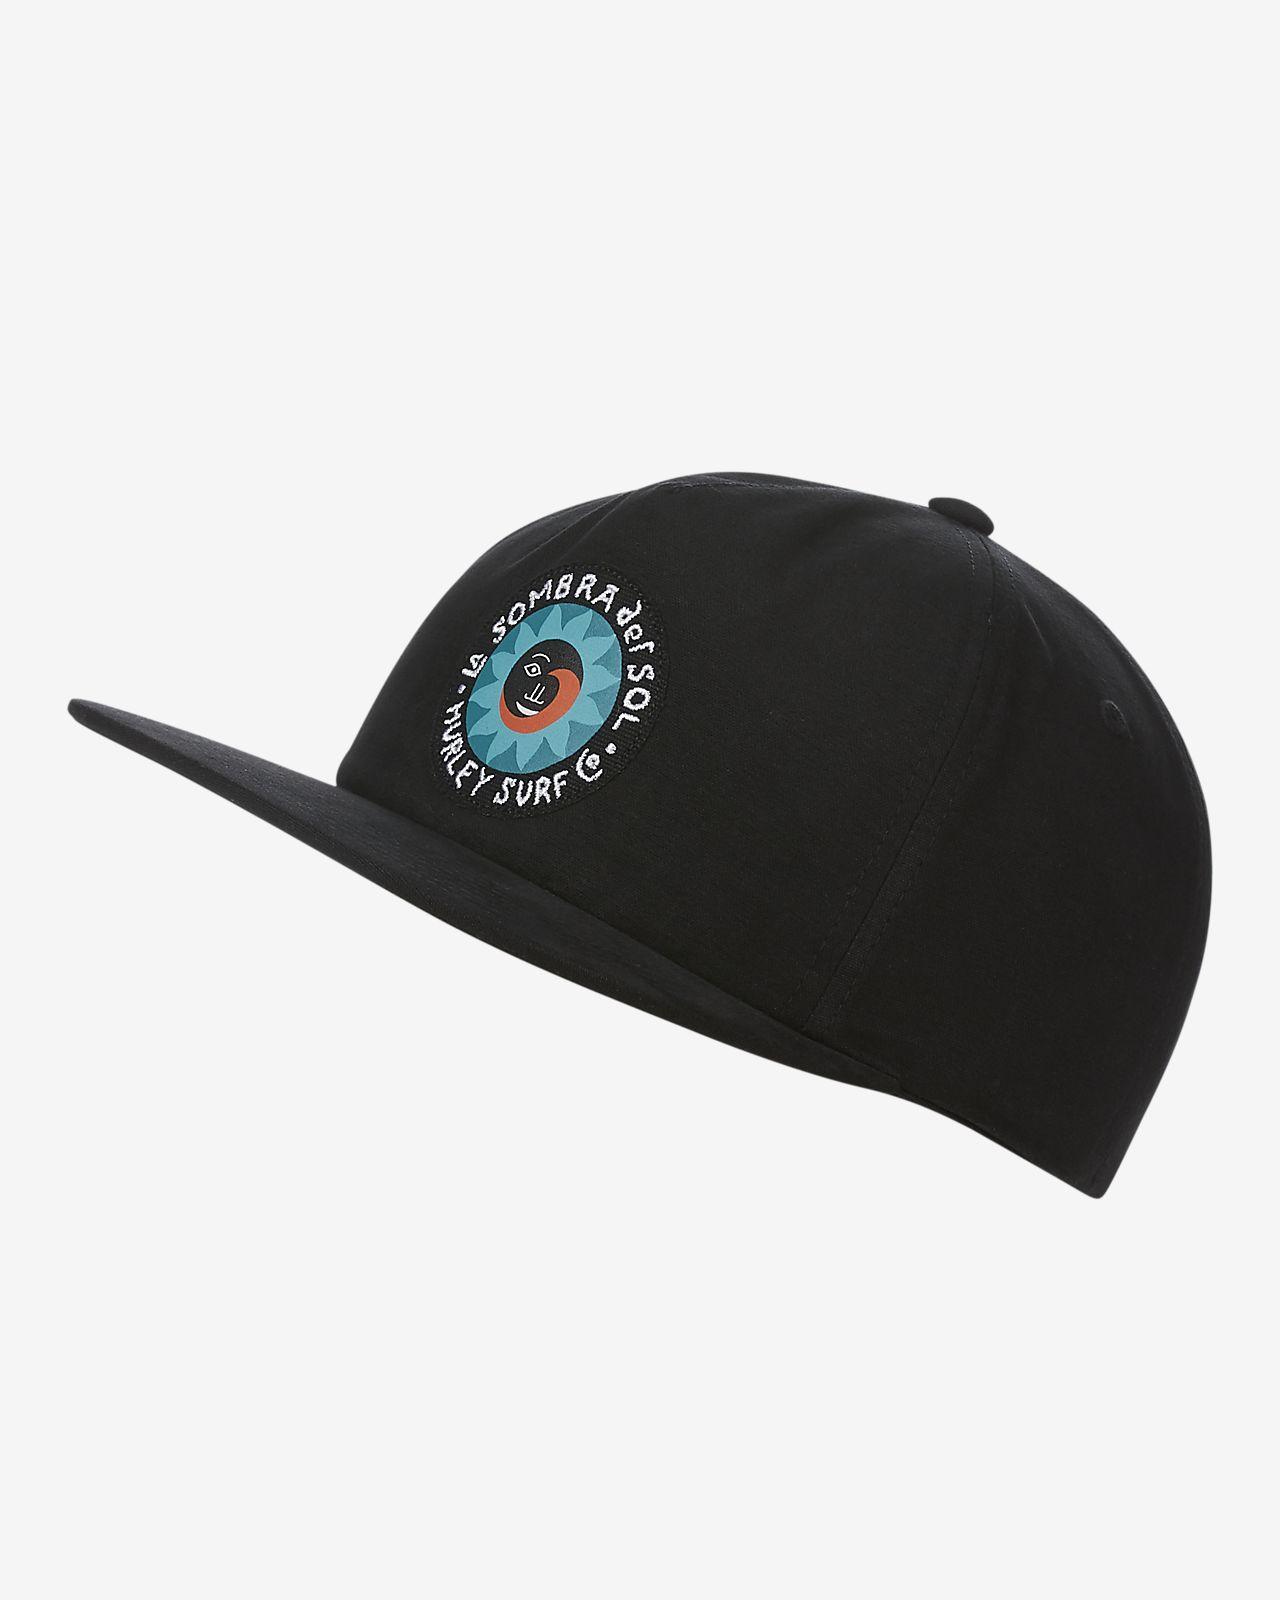 Hurley Sombra Del Sol Herren-Cap